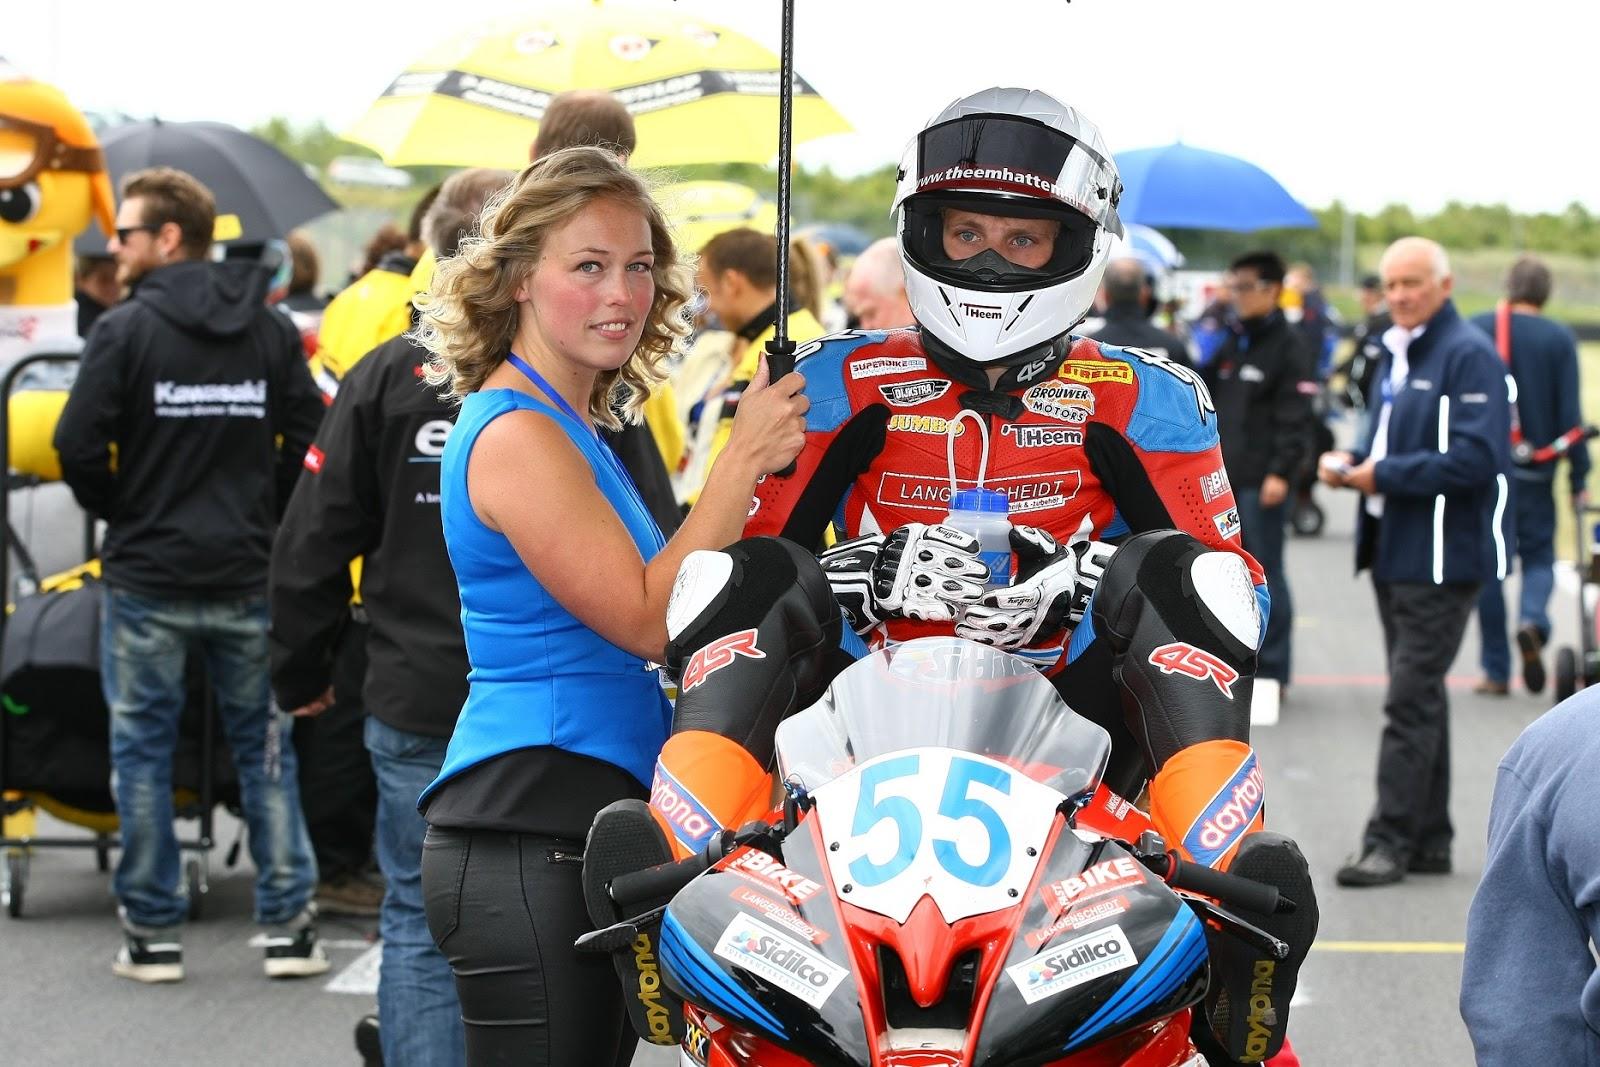 PM 0314_55 Pepijn Bijsterbosch_Langenscheidt Racing by FBS